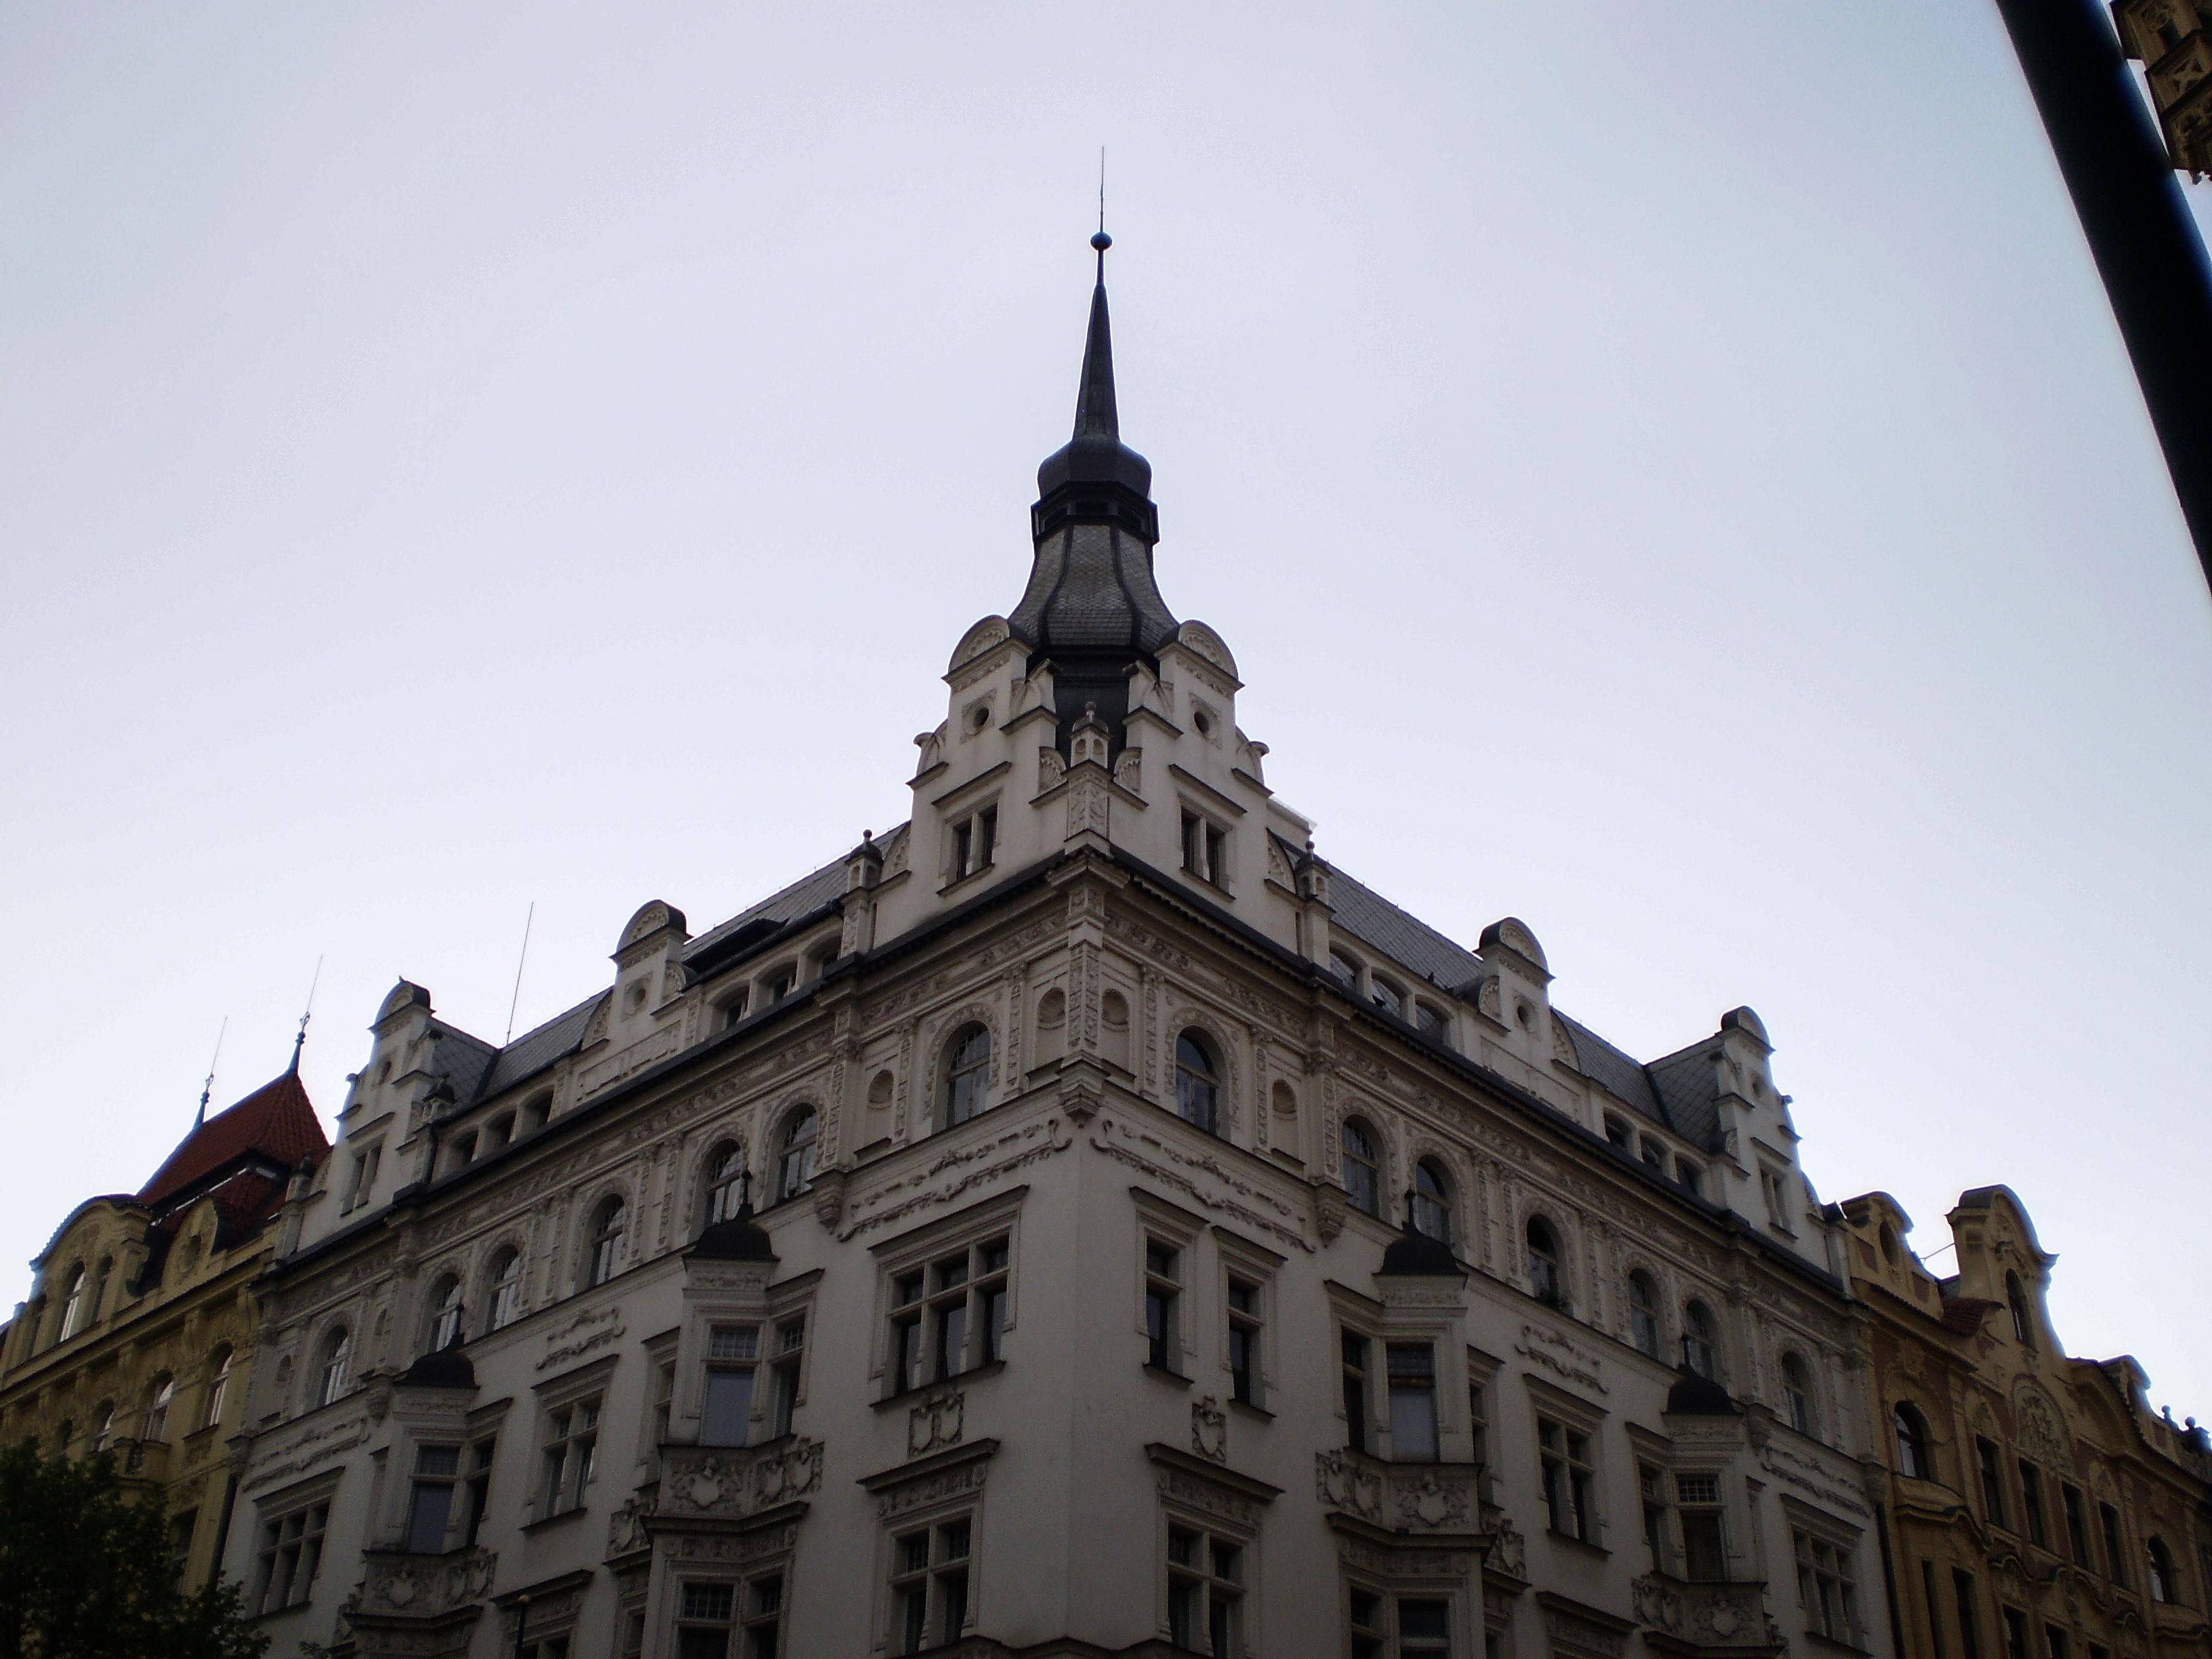 κτίριο της Παλιάς πόλης